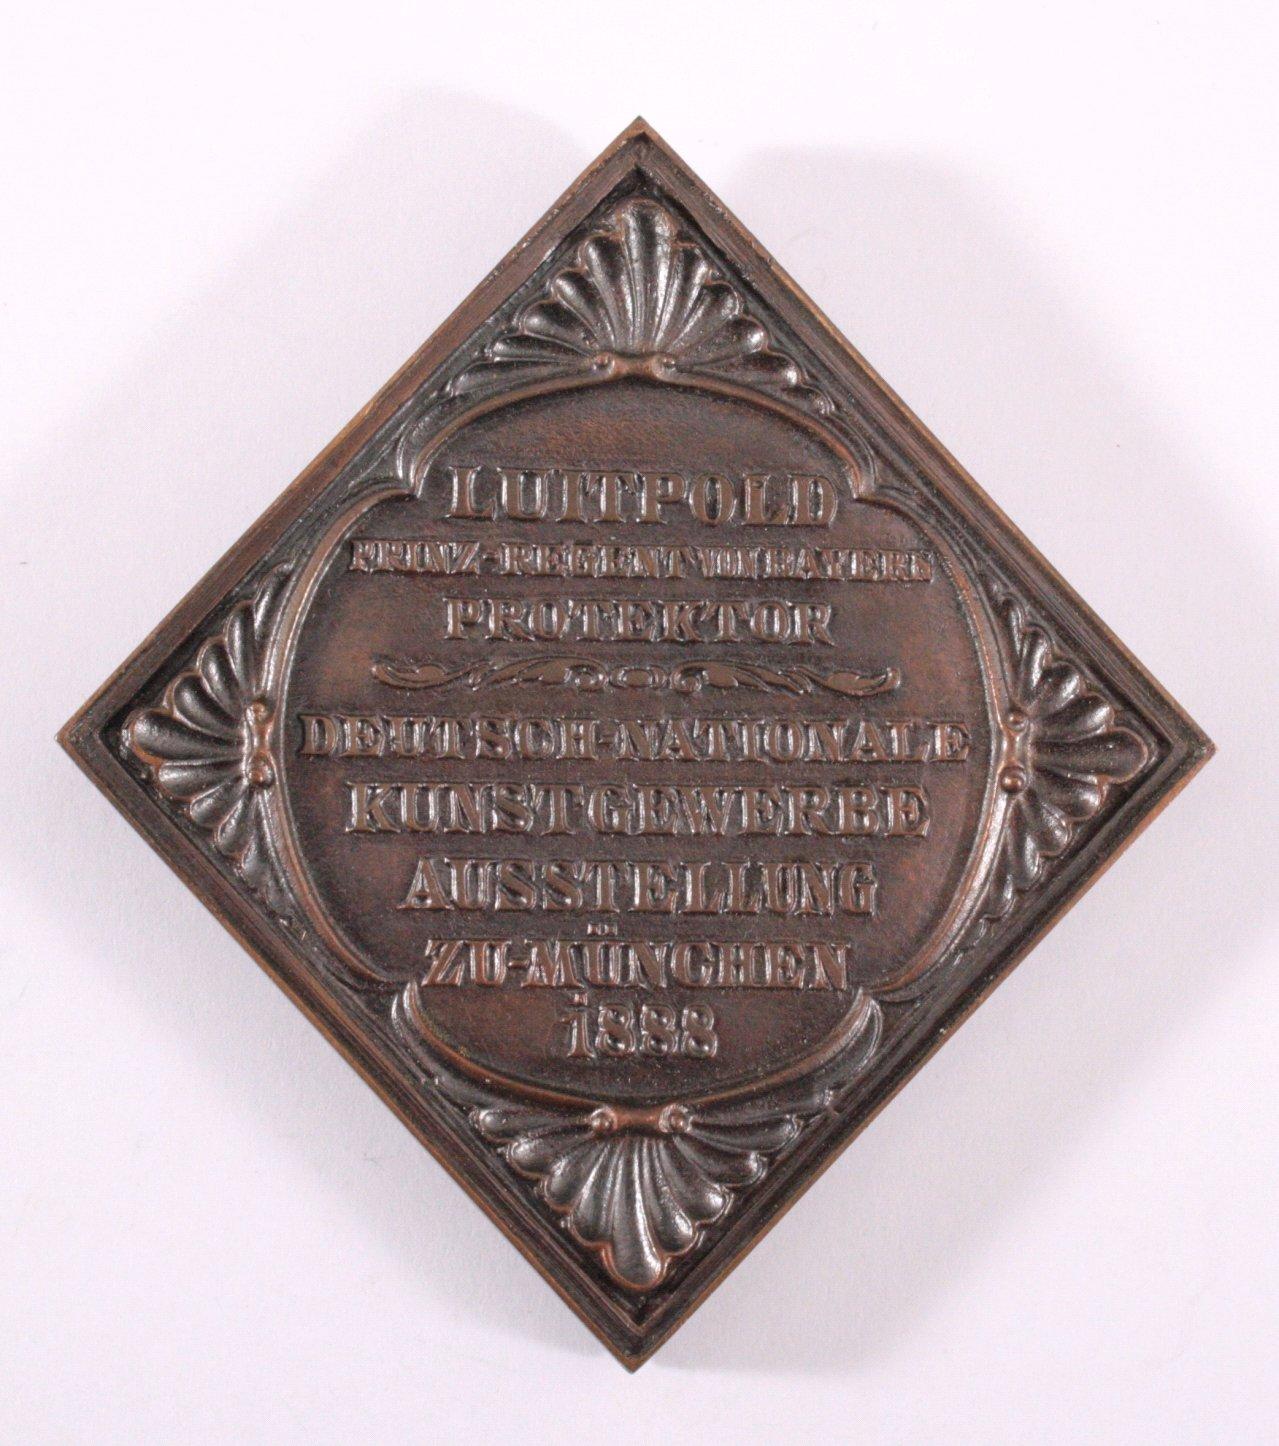 Plakette Deutsch Nationale Kunstgewerbeausstellung 1888-1